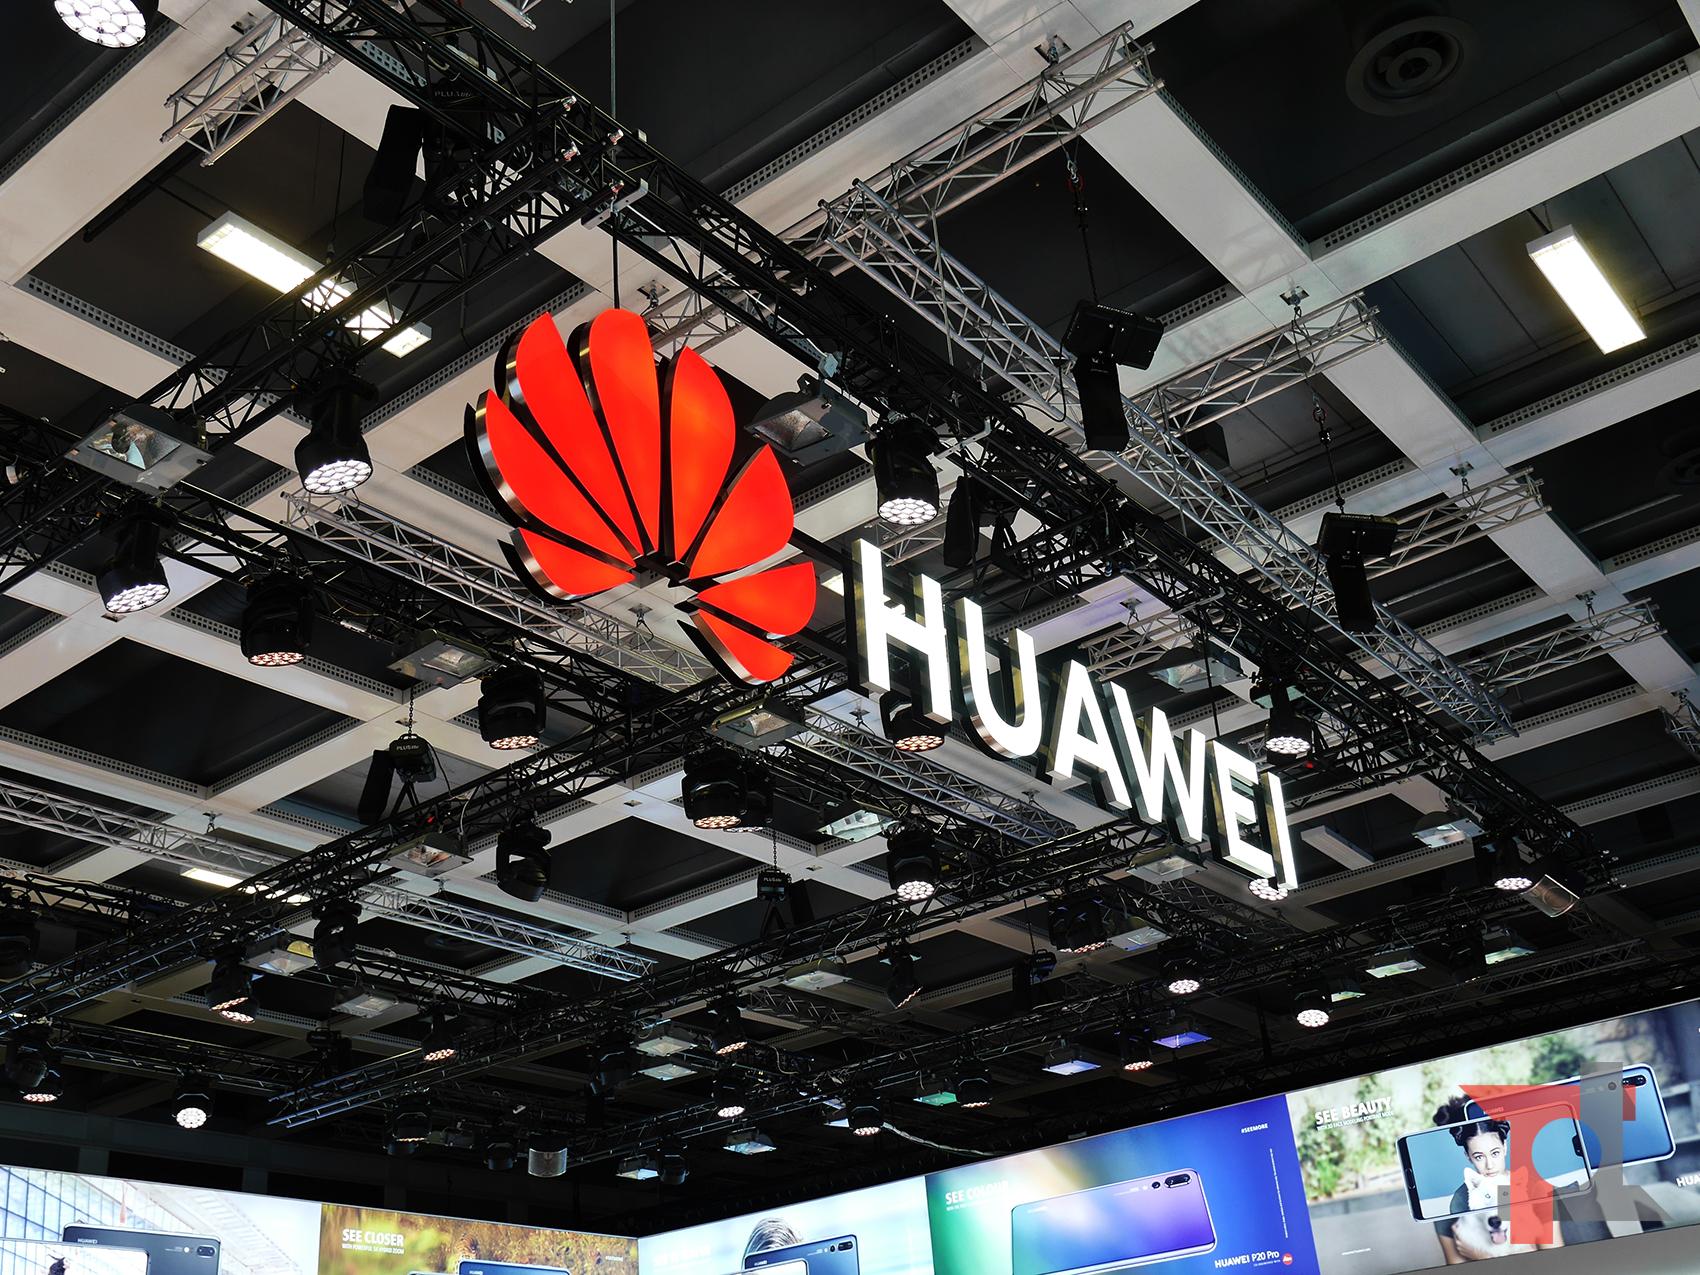 Huawei, con questo progetto, sviluppa prodotti privi di tecnologia americana